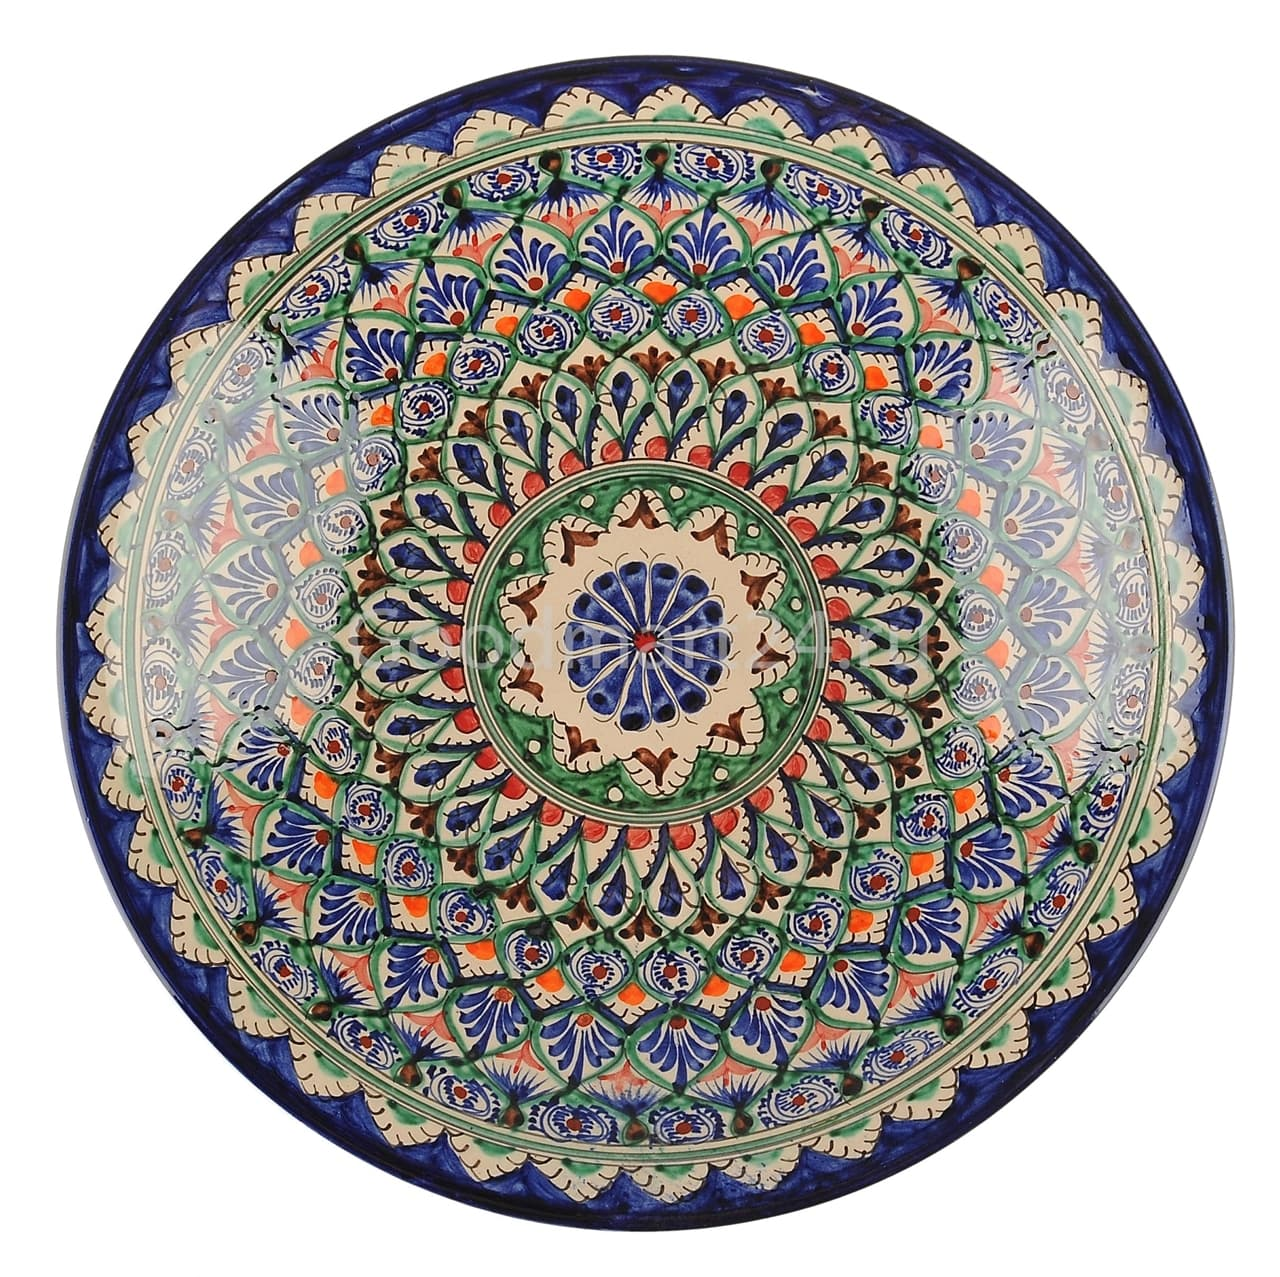 Ляган Риштанская Керамика 38 см. плоский, синий - фото 7325